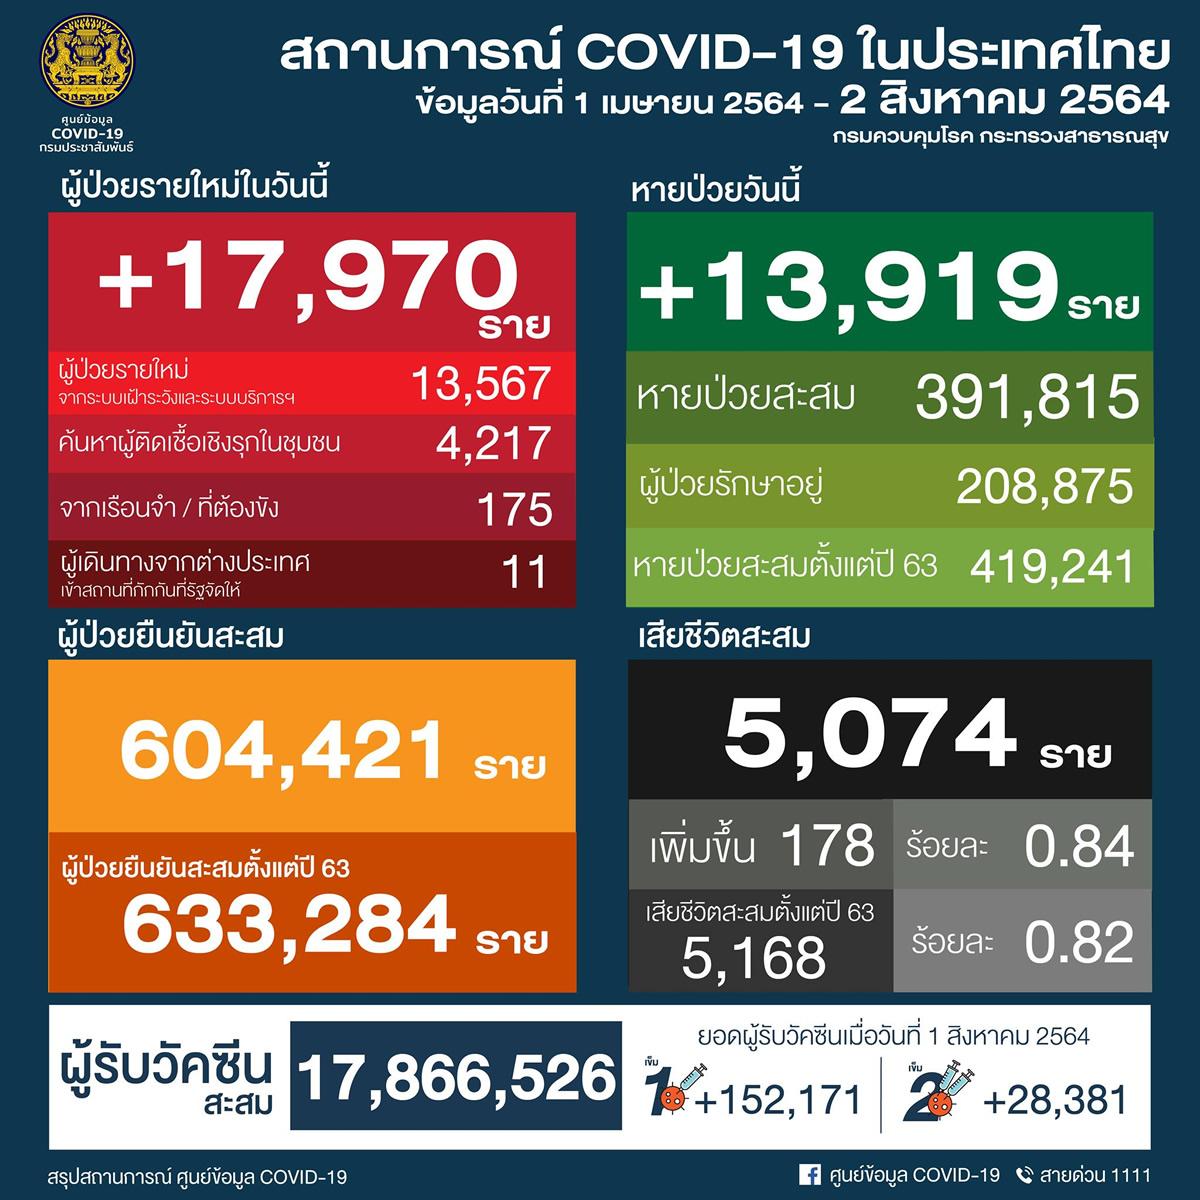 タイ 17,970人陽性/バンコク3,144人/サムットサコン1,252人/チョンブリ1,141人[2021年8月2日発表]